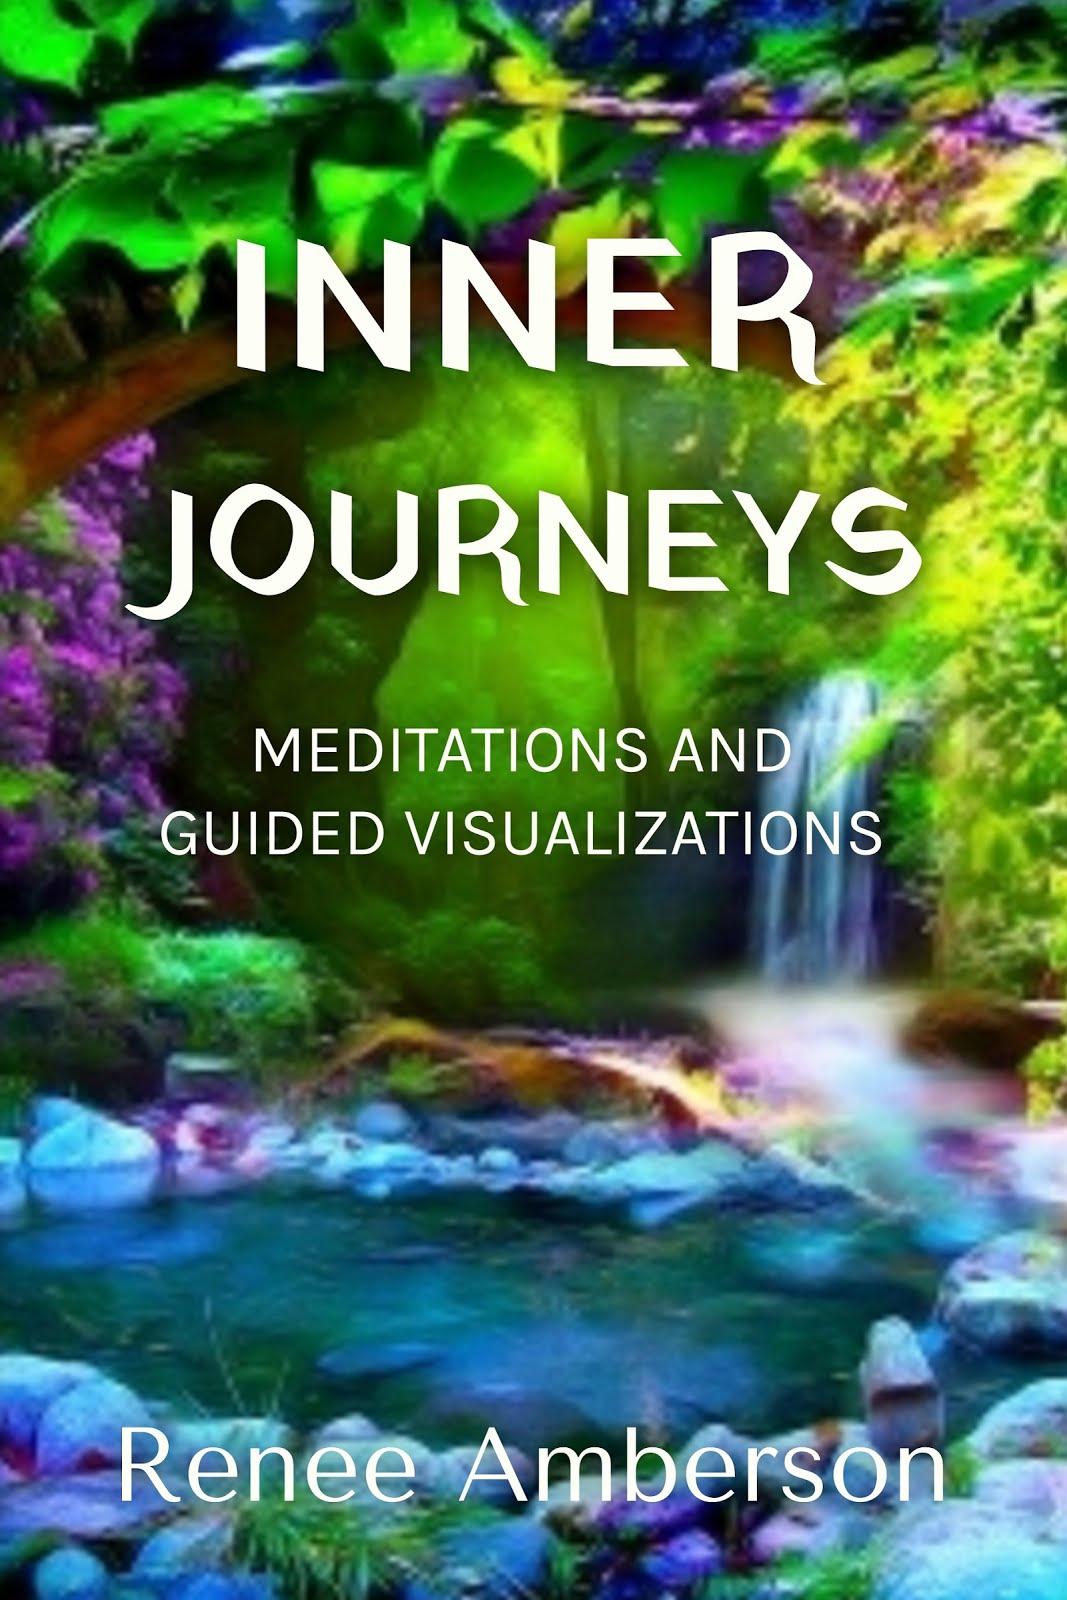 Inner Journeys